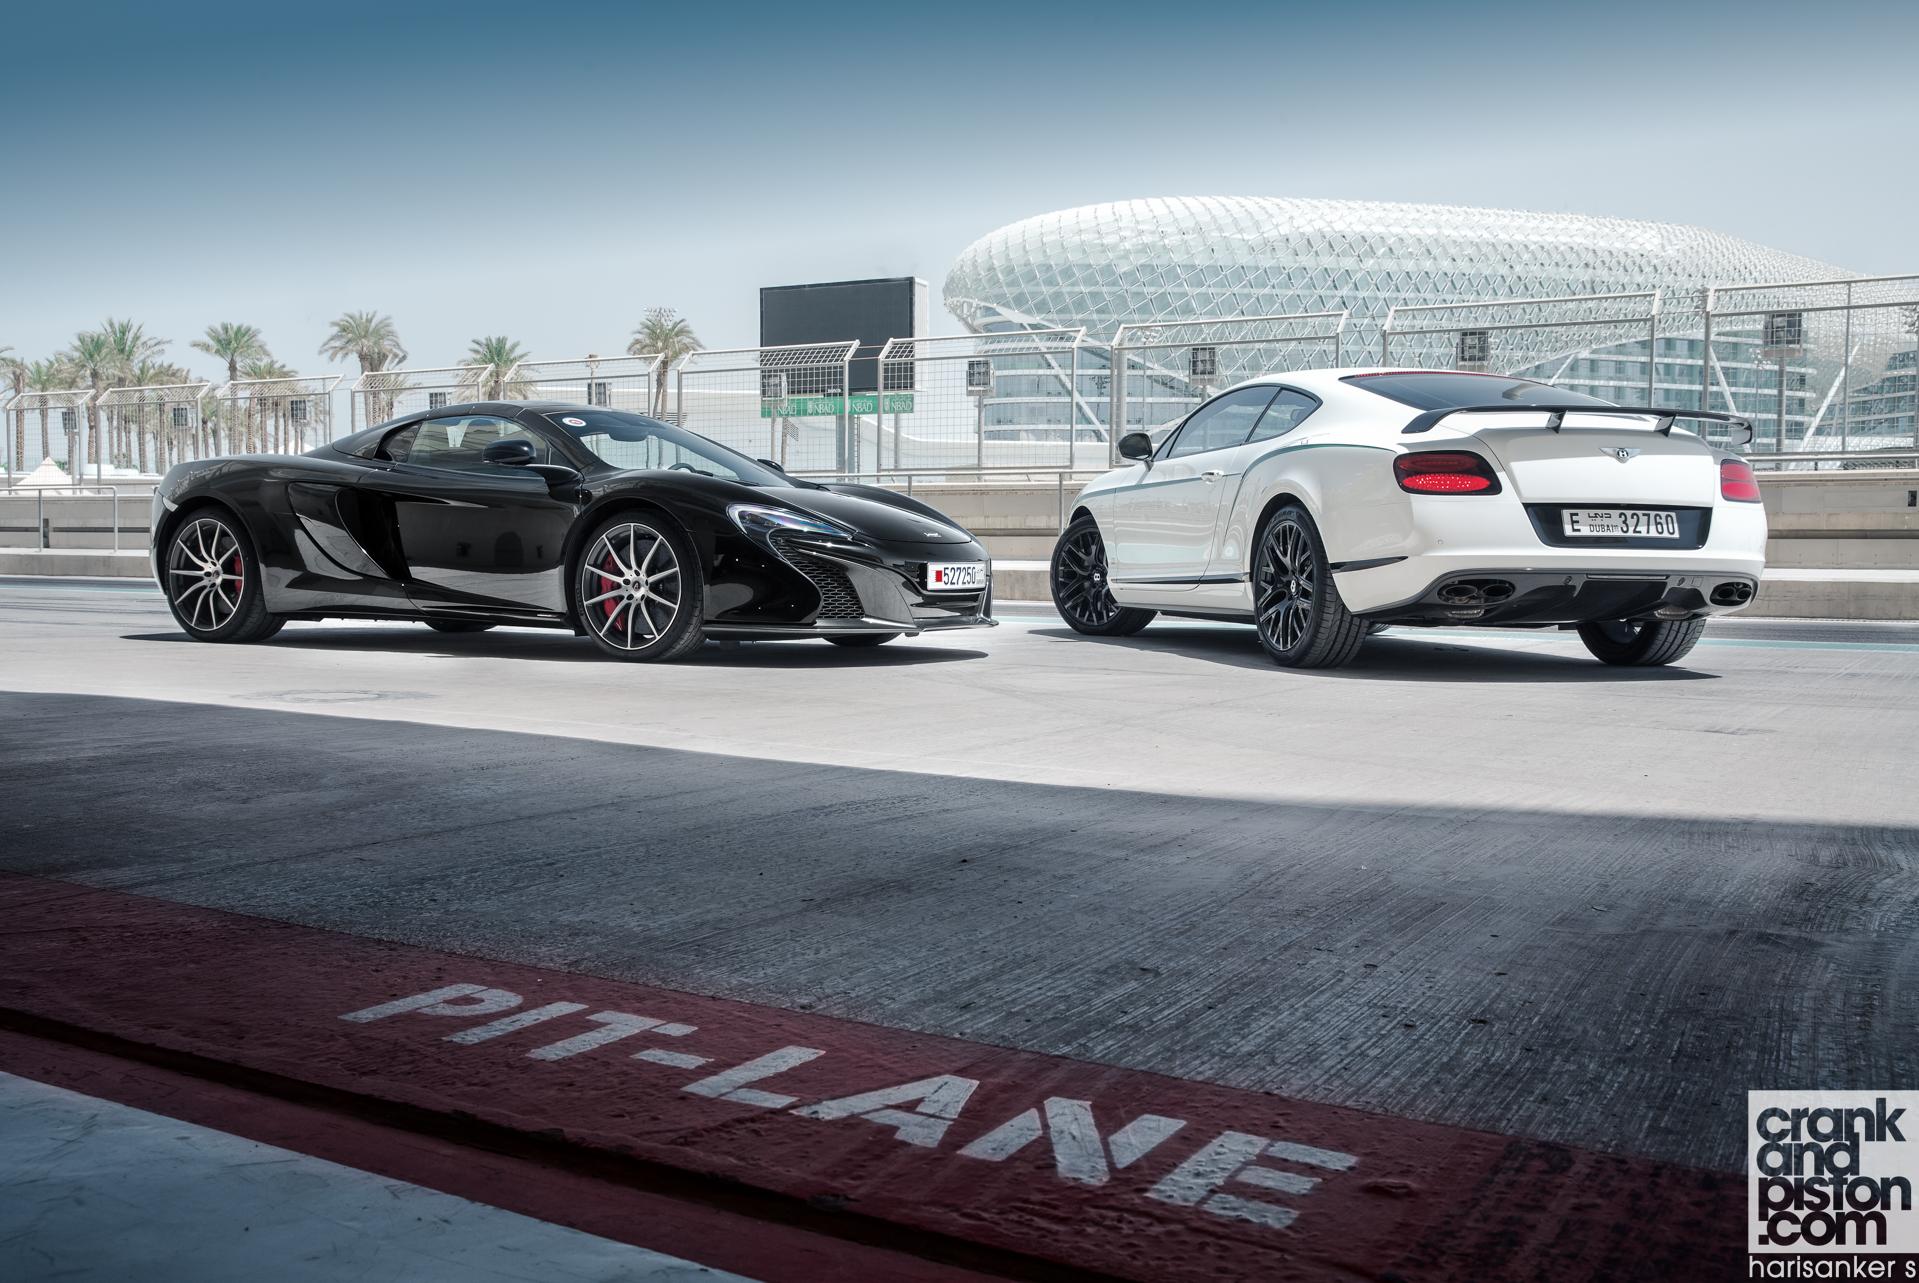 Bentley-Continental-GT3-R-vs-McLaren-650S-Spider-Wallpapers-3